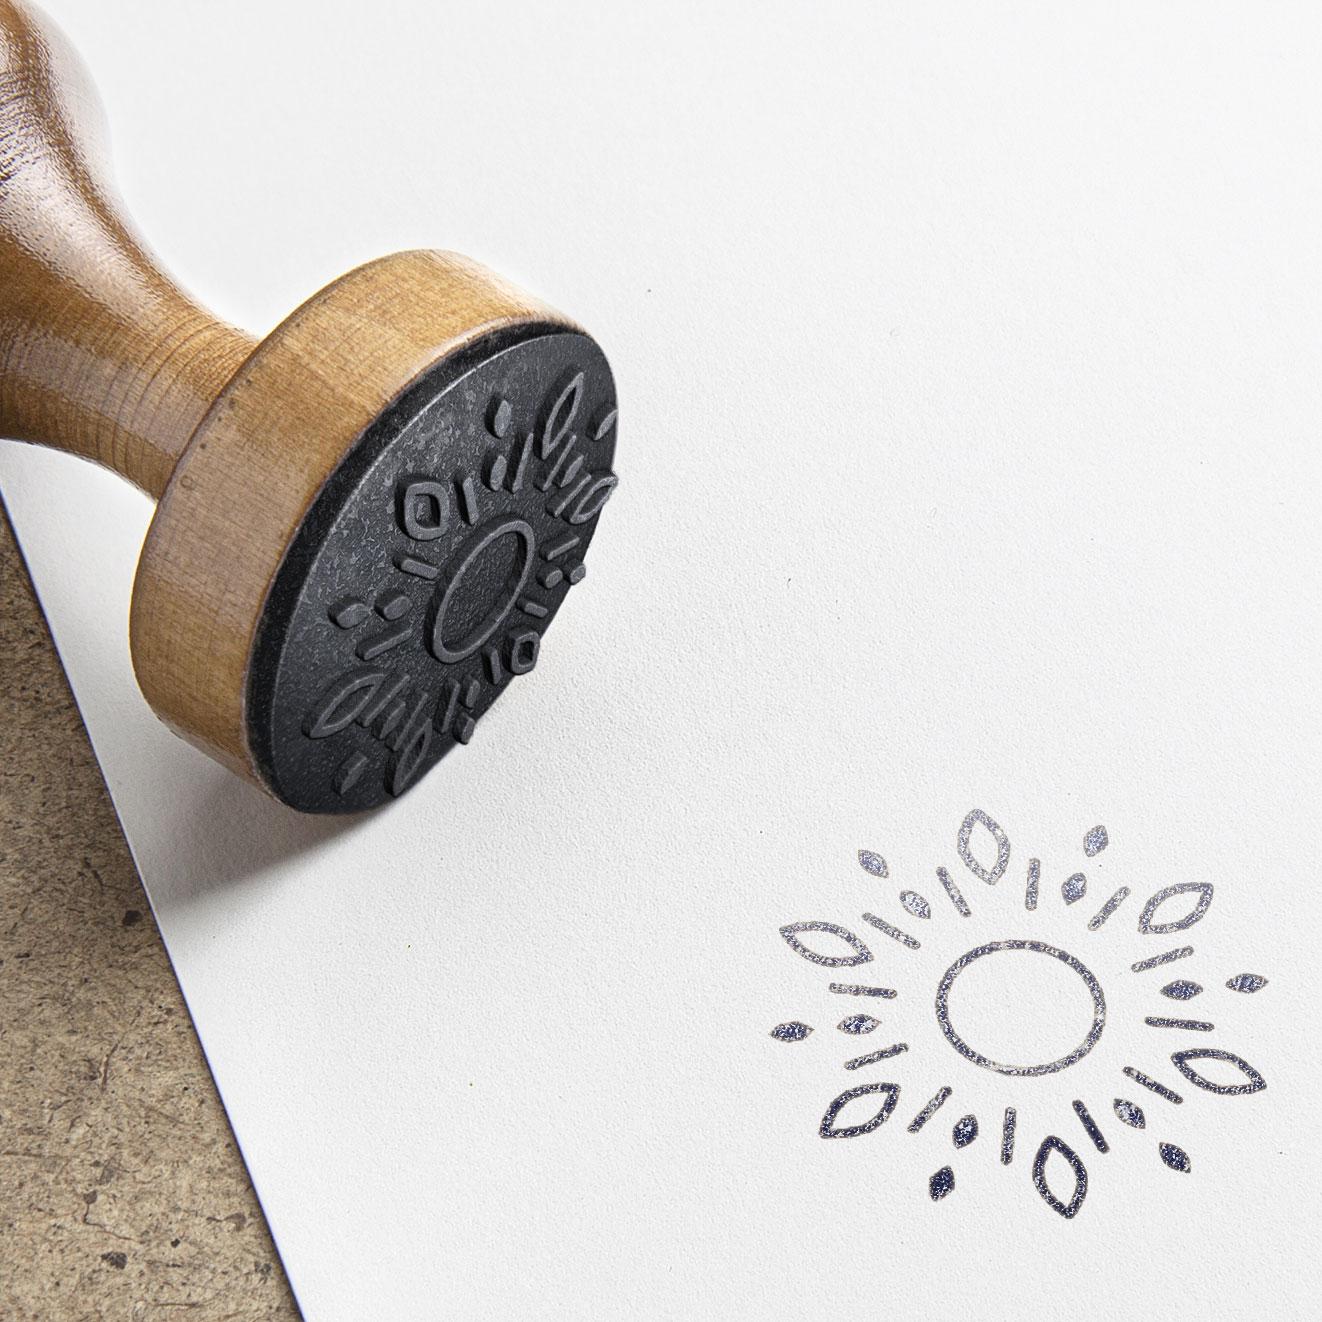 skyland-palliative-medicine-logo-stamp.jpg